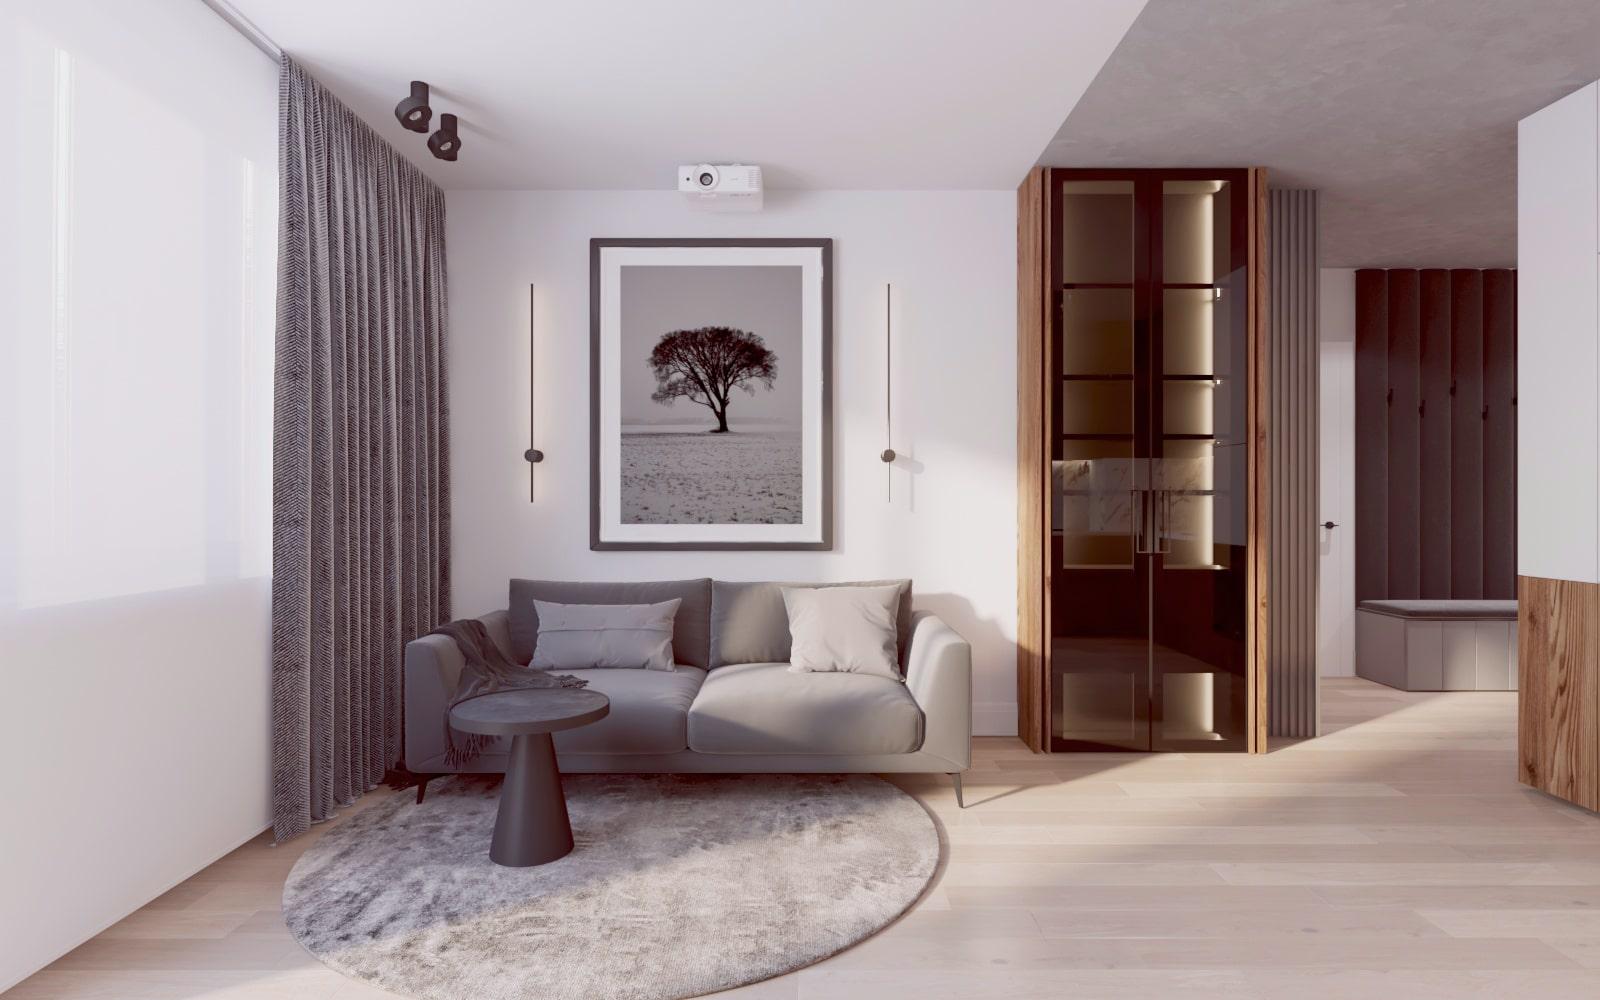 Nowoczesny mini salon - Projekt wykonany przez architekta wnętrz.